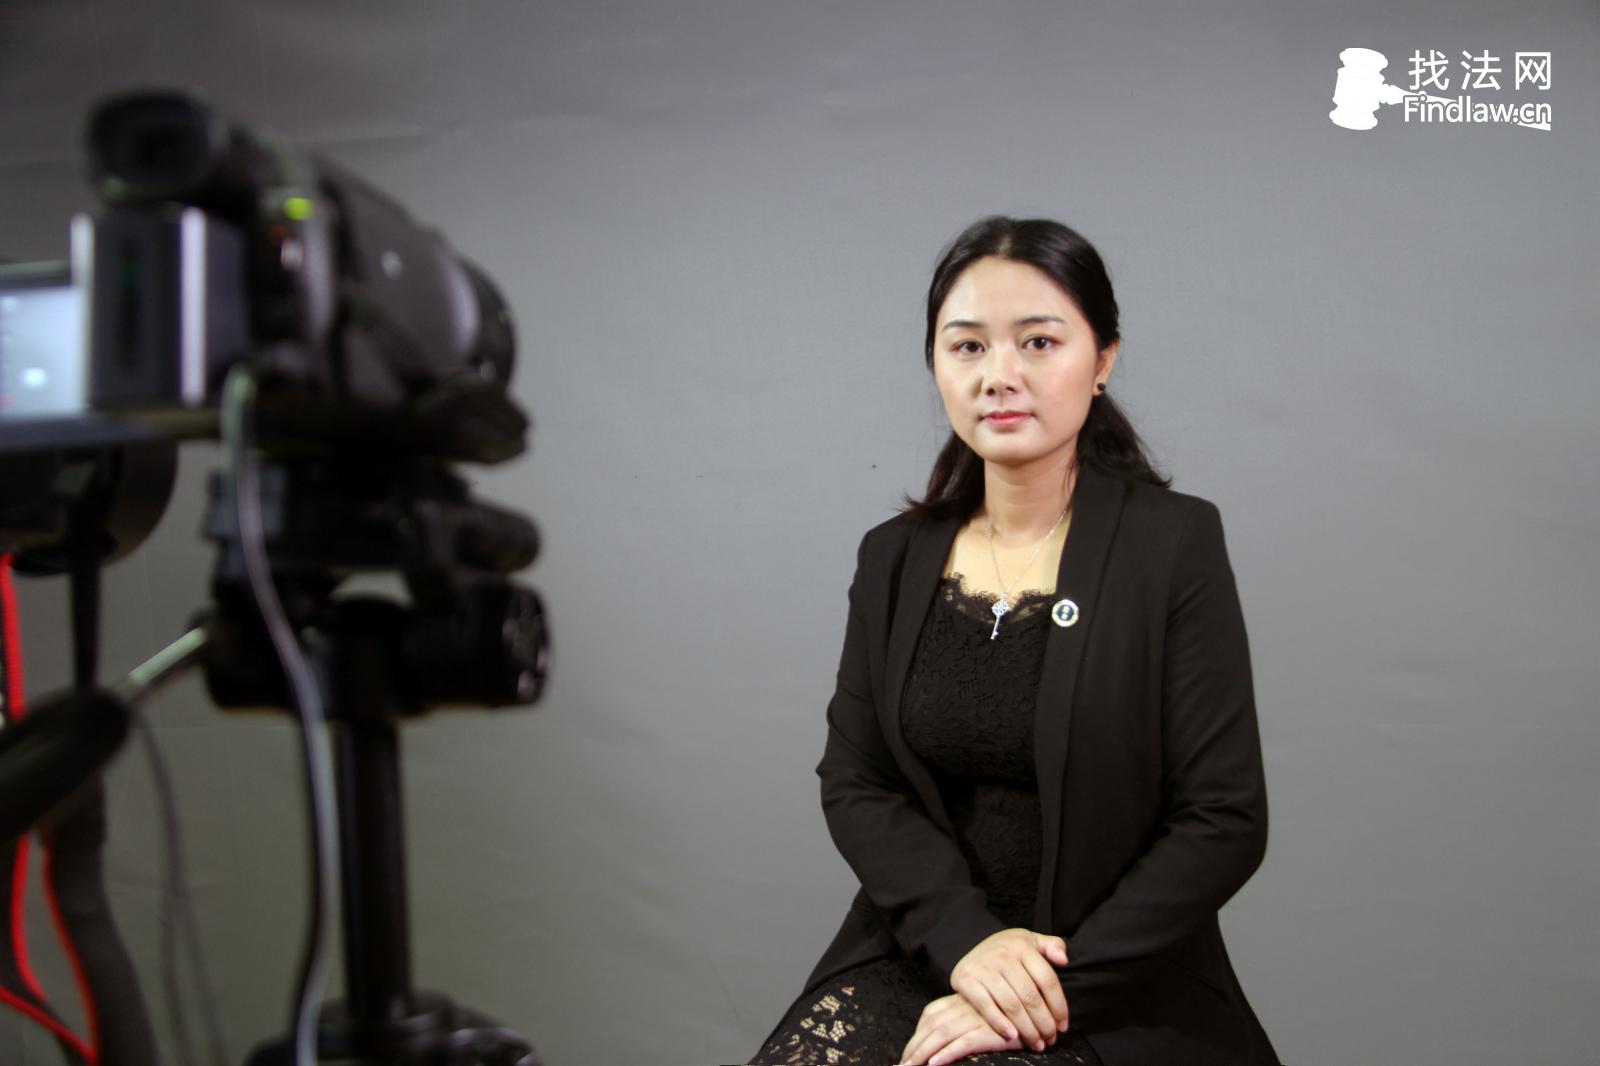 赵婧律师在找法网录制法律视频